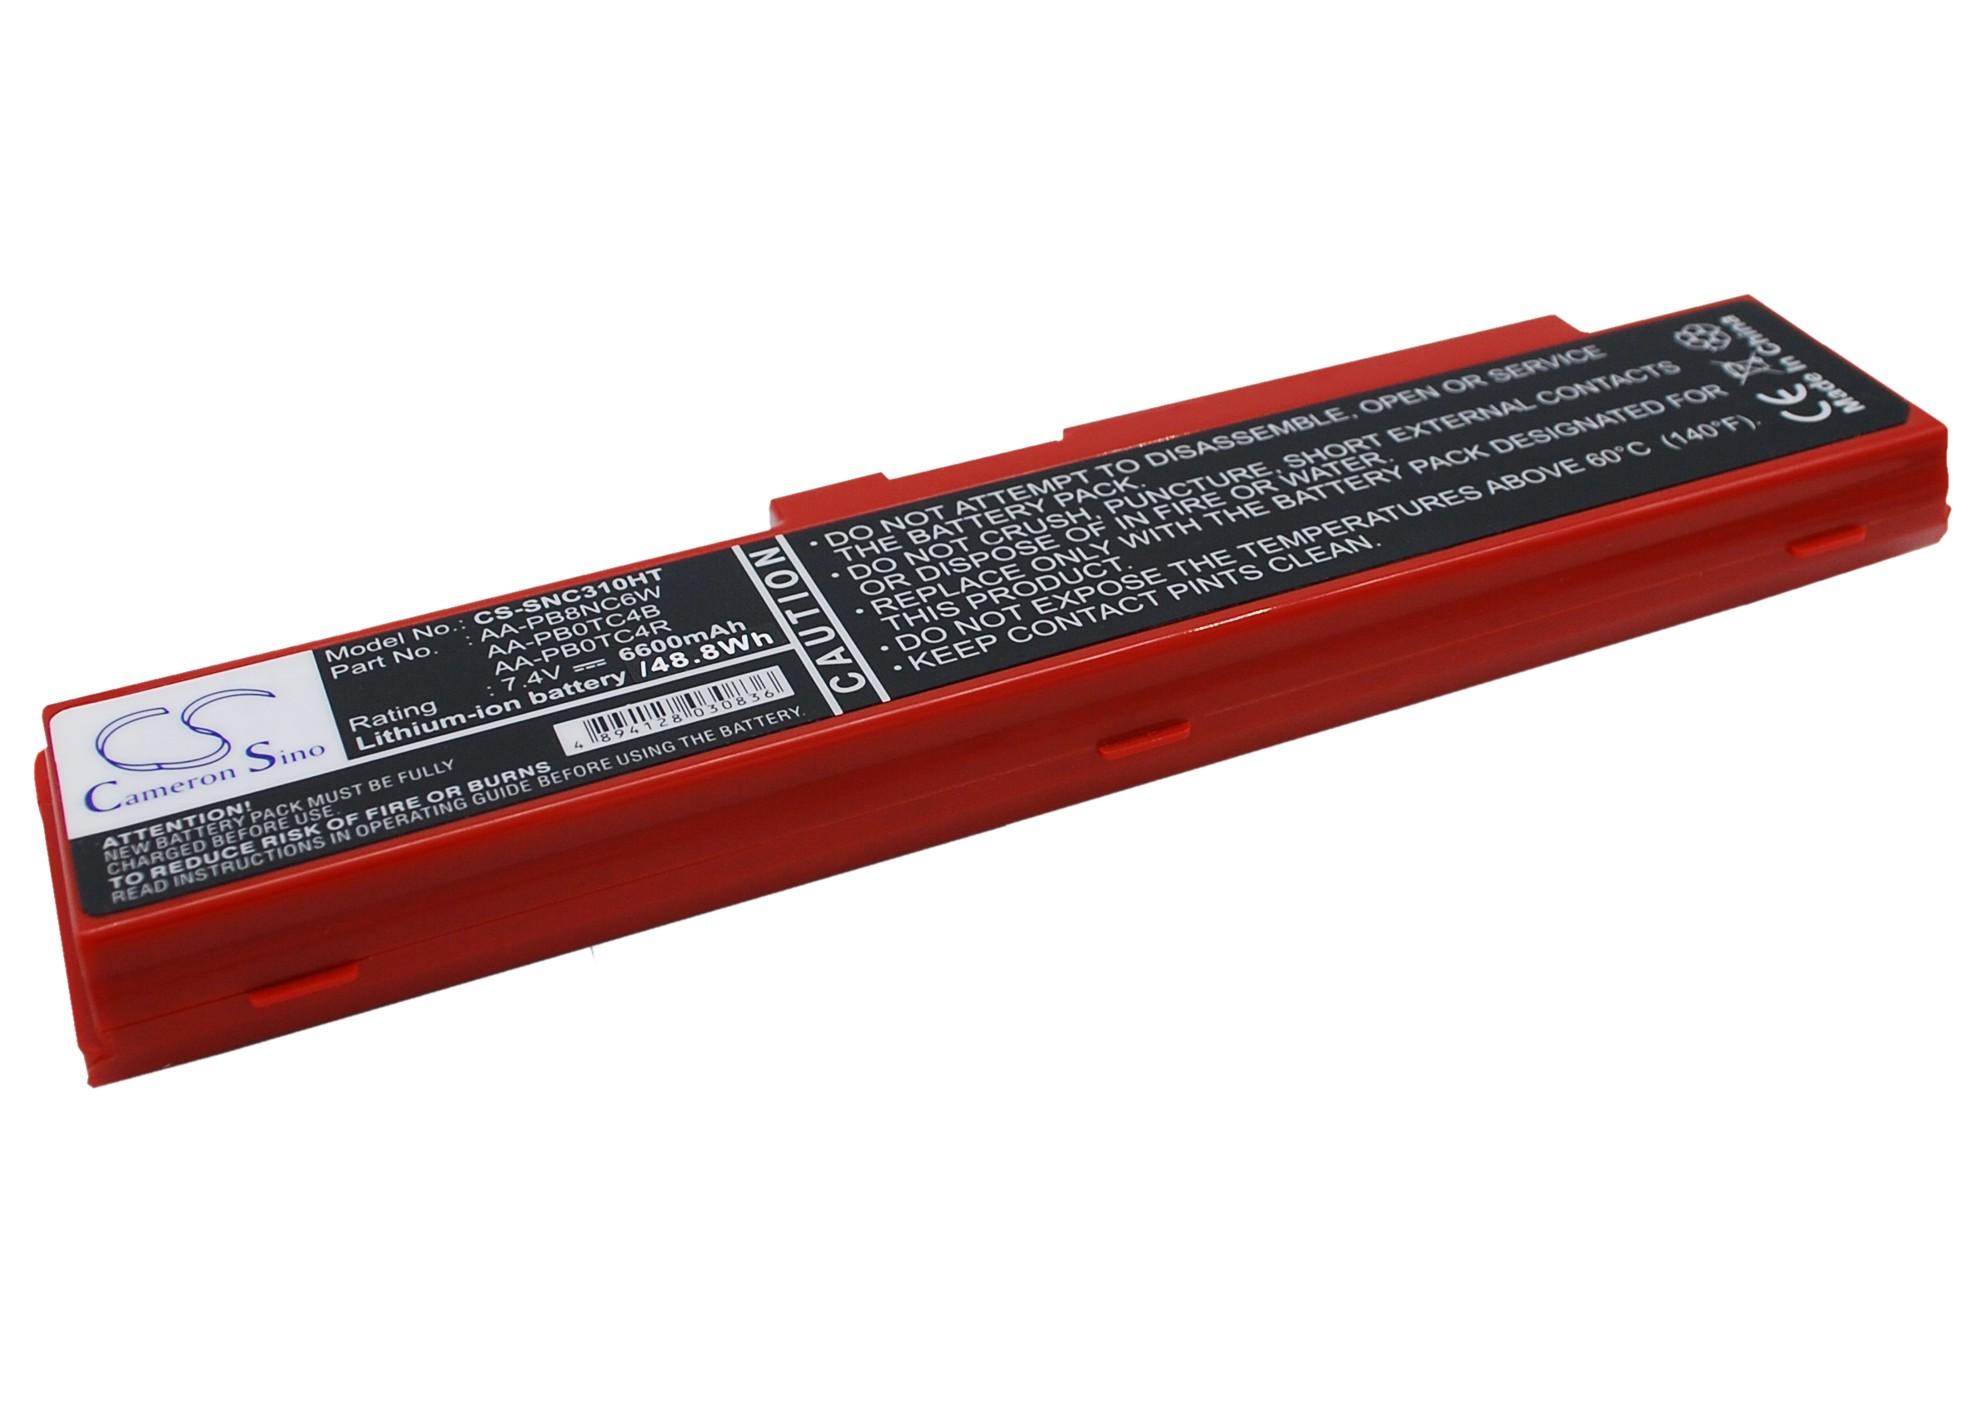 Cameron Sino baterie do netbooků pro SAMSUNG NP-N310-KA04UK 7.4V Li-ion 6600mAh červená - neoriginální